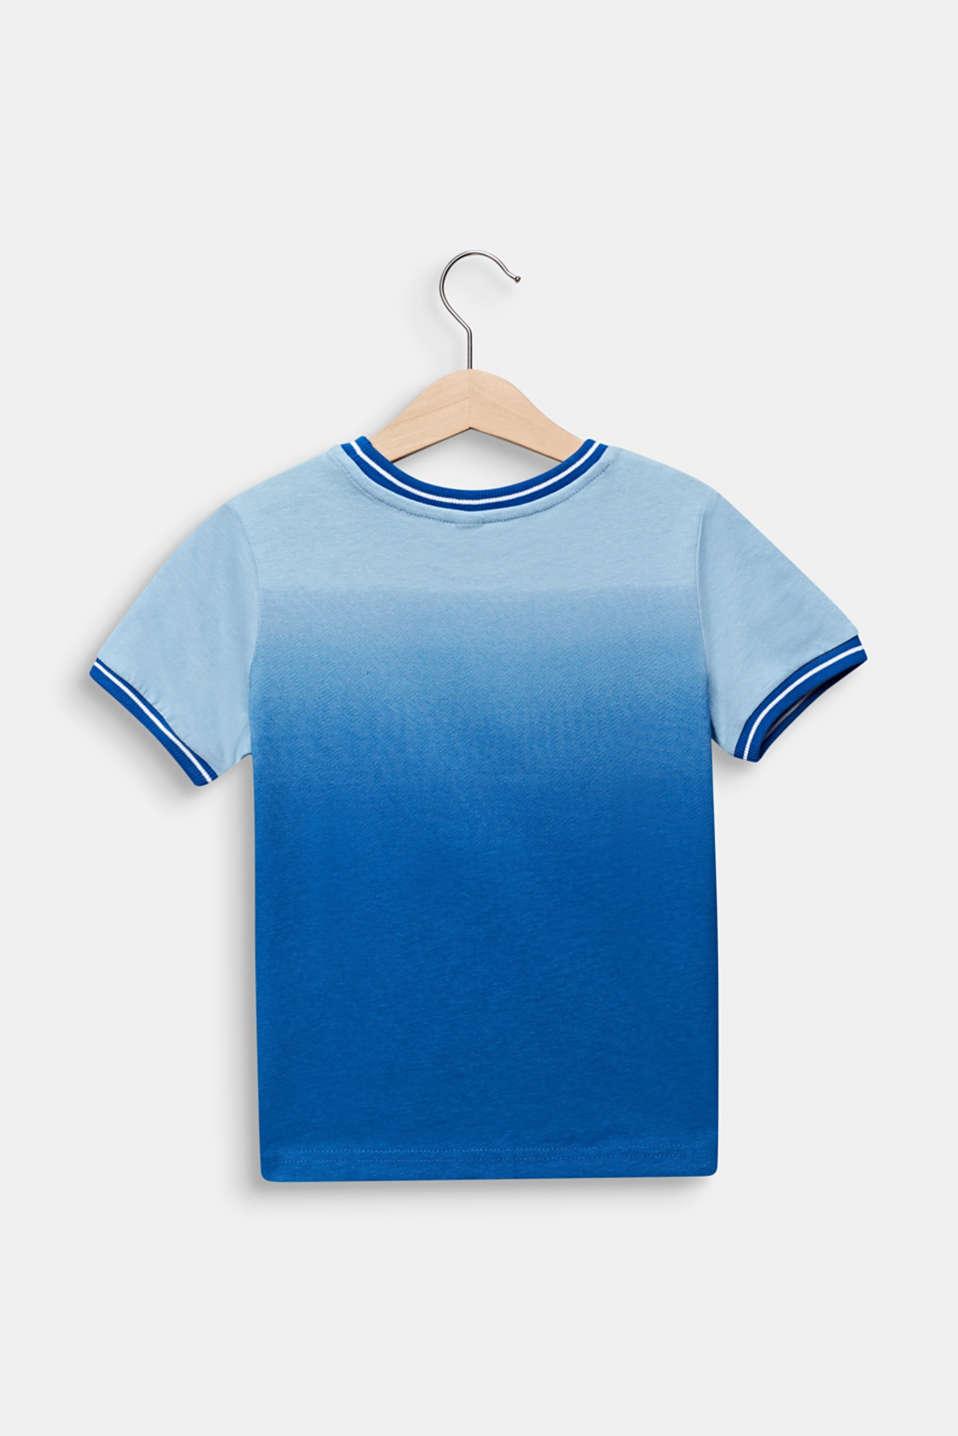 Colour graduation T-shirt, cotton blend, ELECTRIC BLUE, detail image number 1